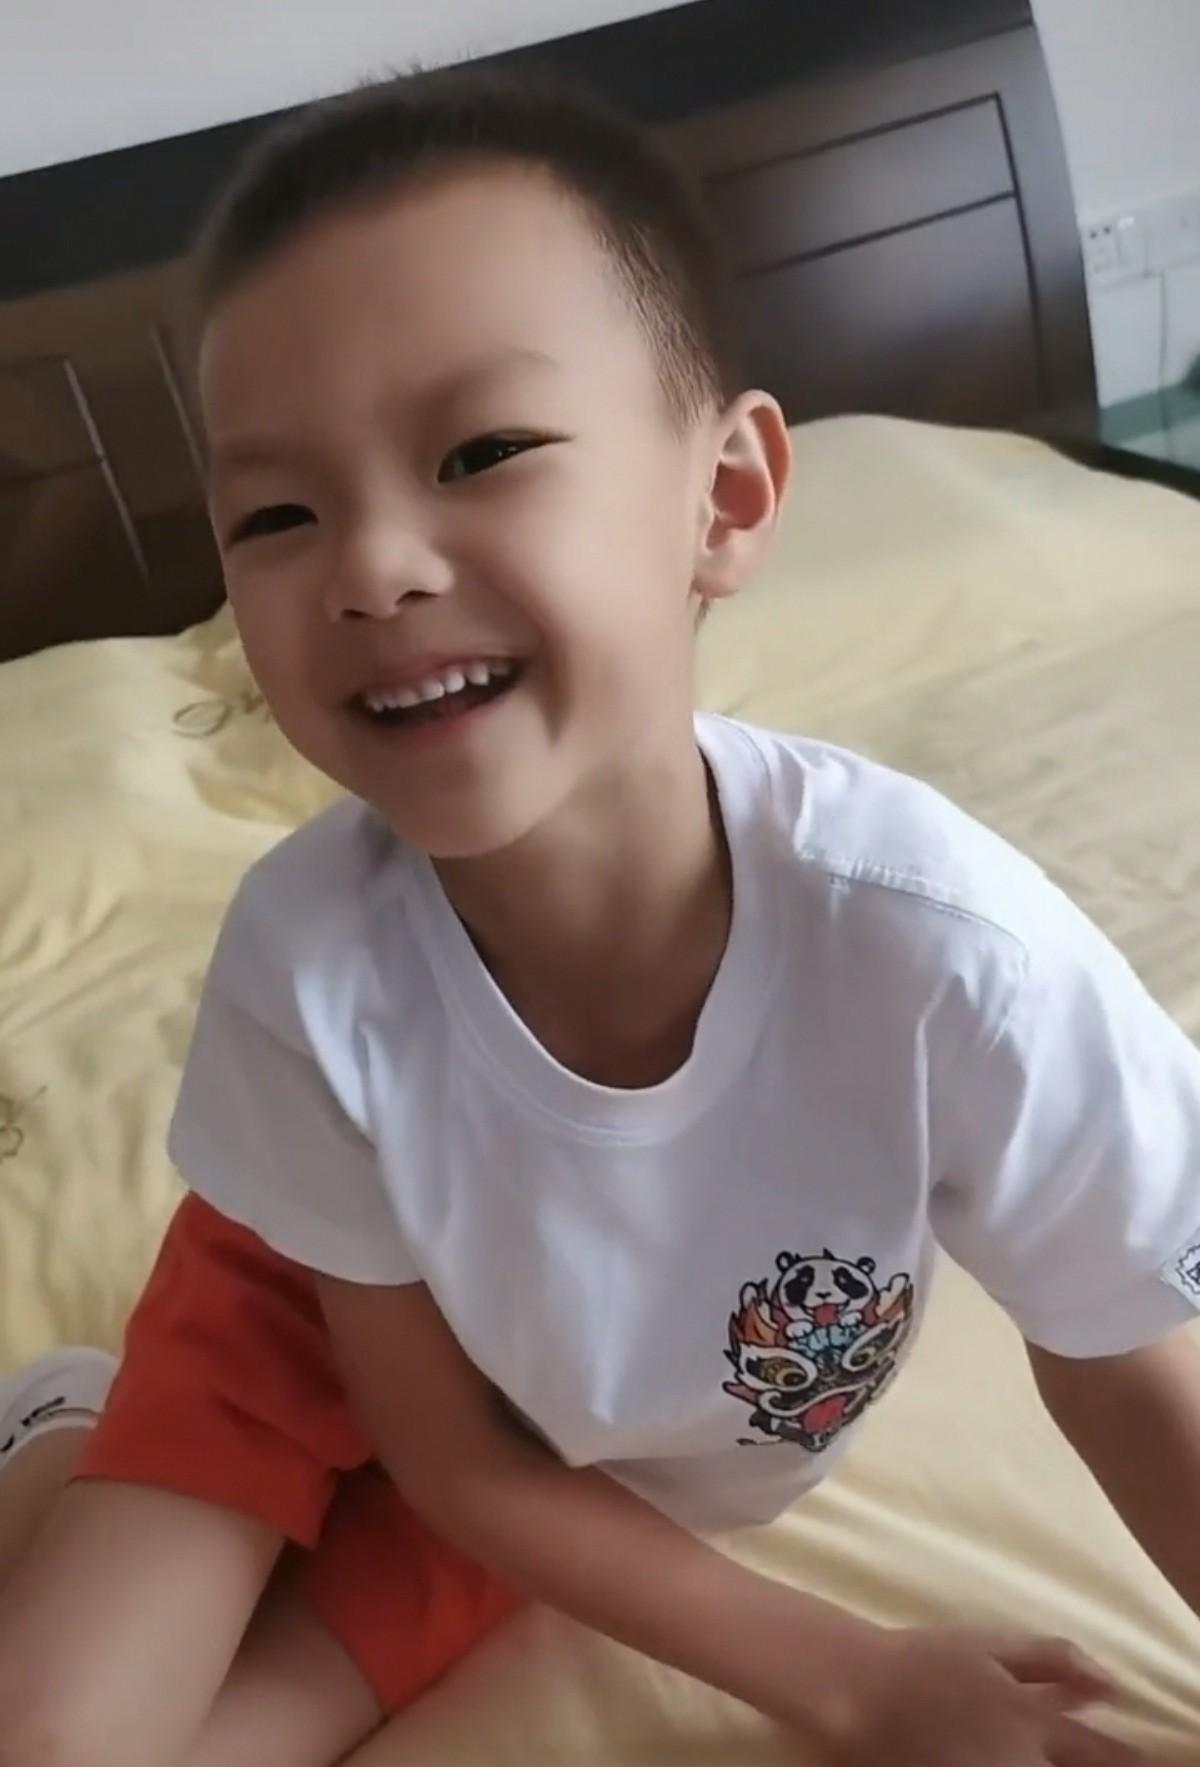 林丹4岁儿子拿名牌包当画布,惹谢杏芳心疼无奈,高情商育儿被赞